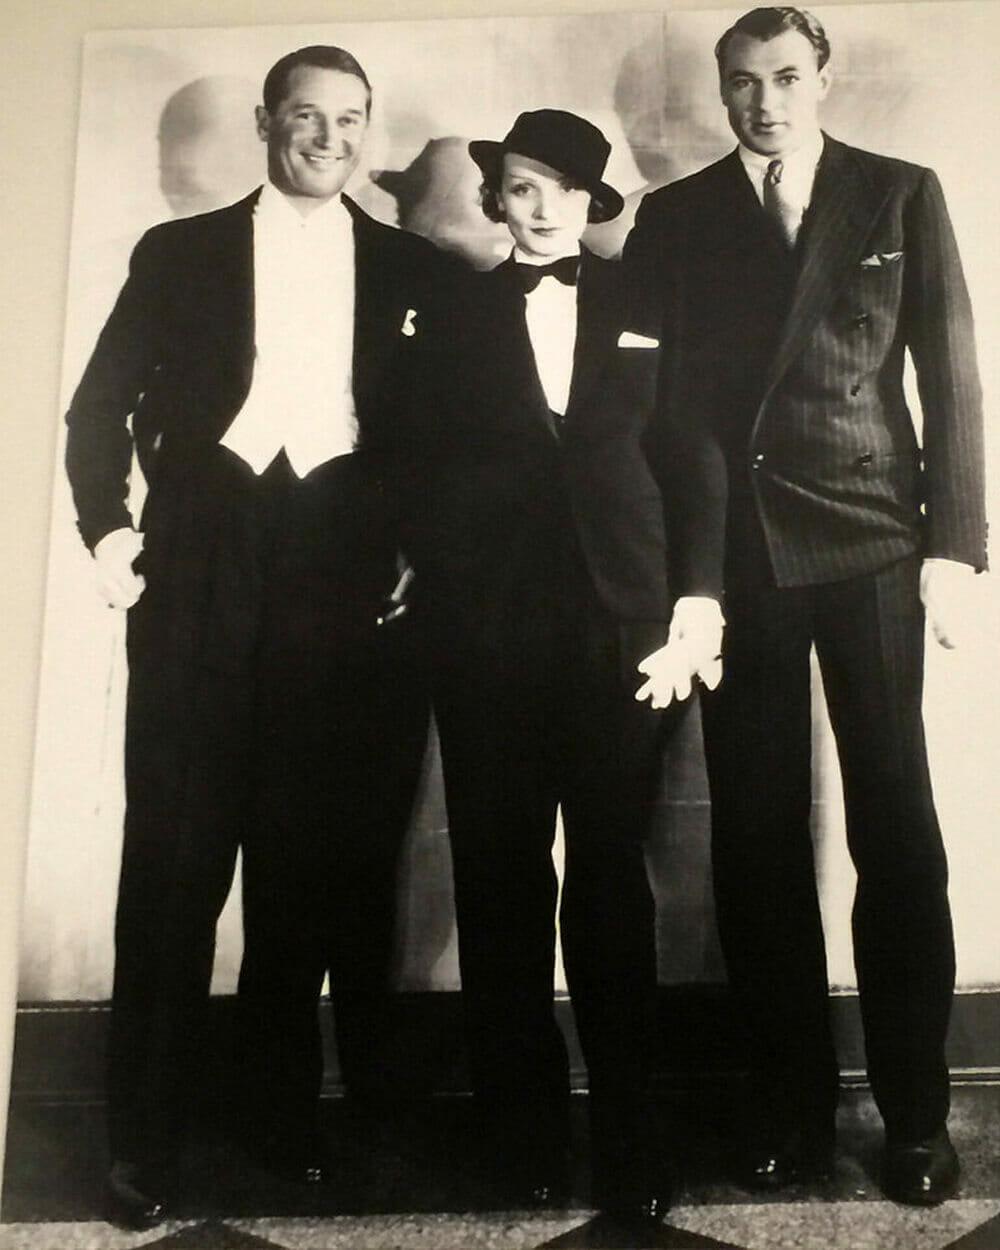 Marlene Dietrich wearing trousers in 1900s